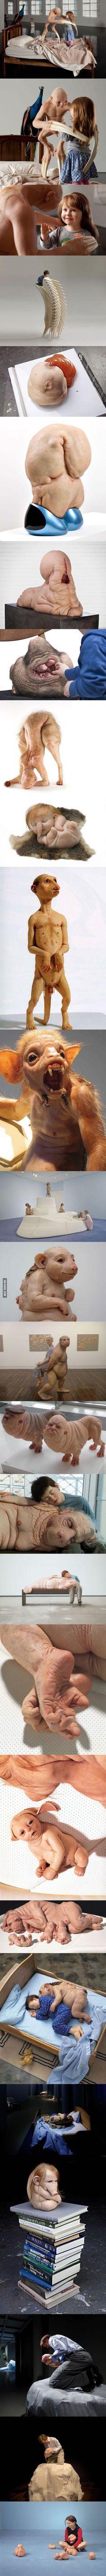 The Bizarre Sculptures Of Patricia Piccinini